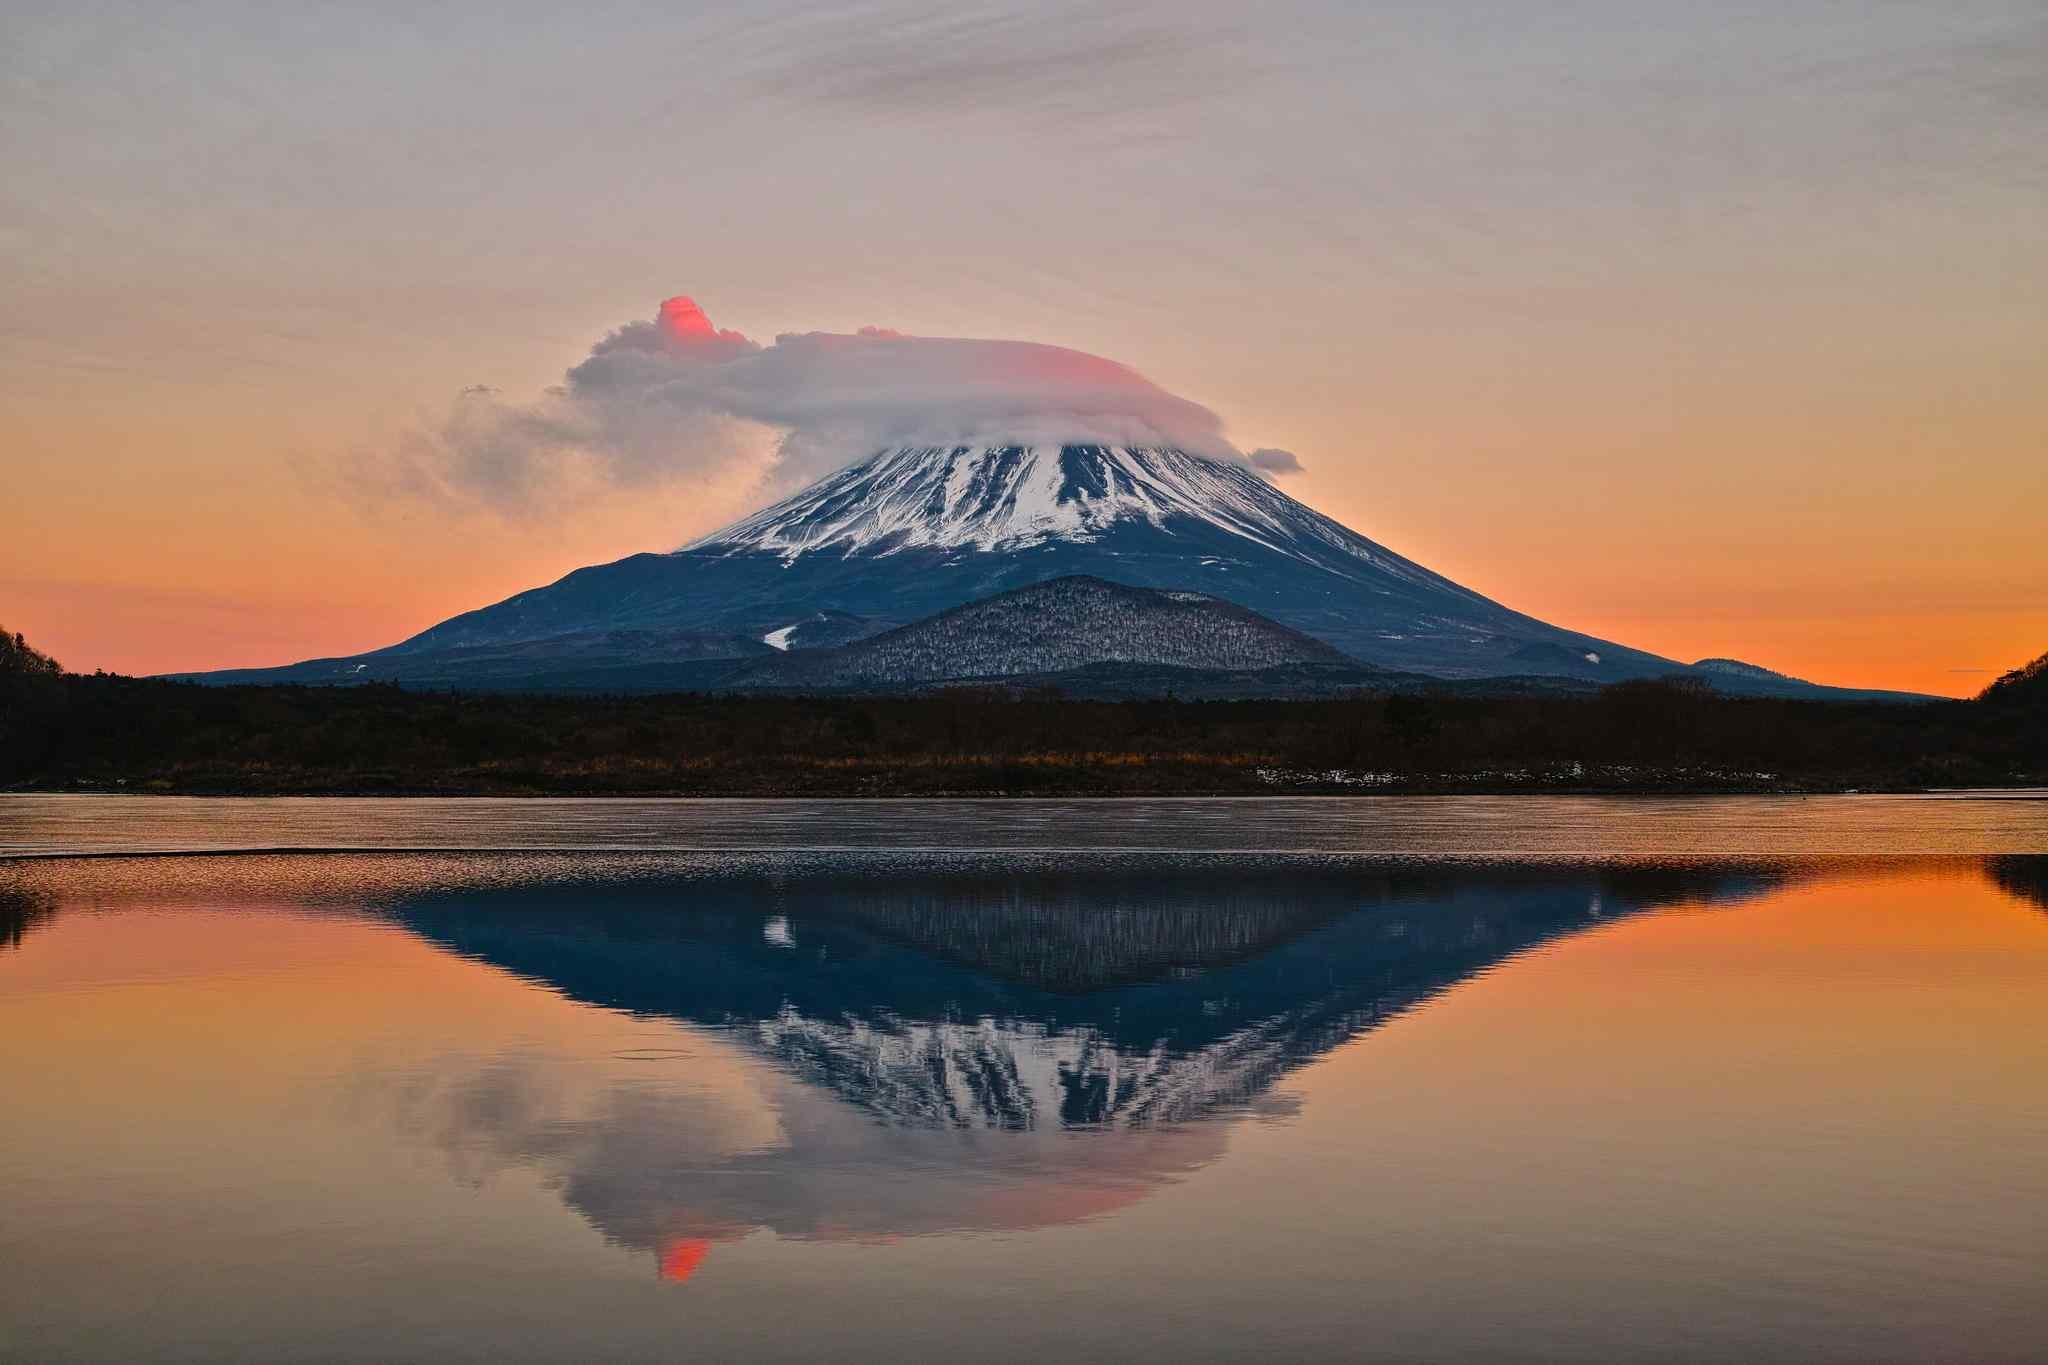 日本唯美風景圖片高清桌面壁紙 -桌面天下(Desktx.com)